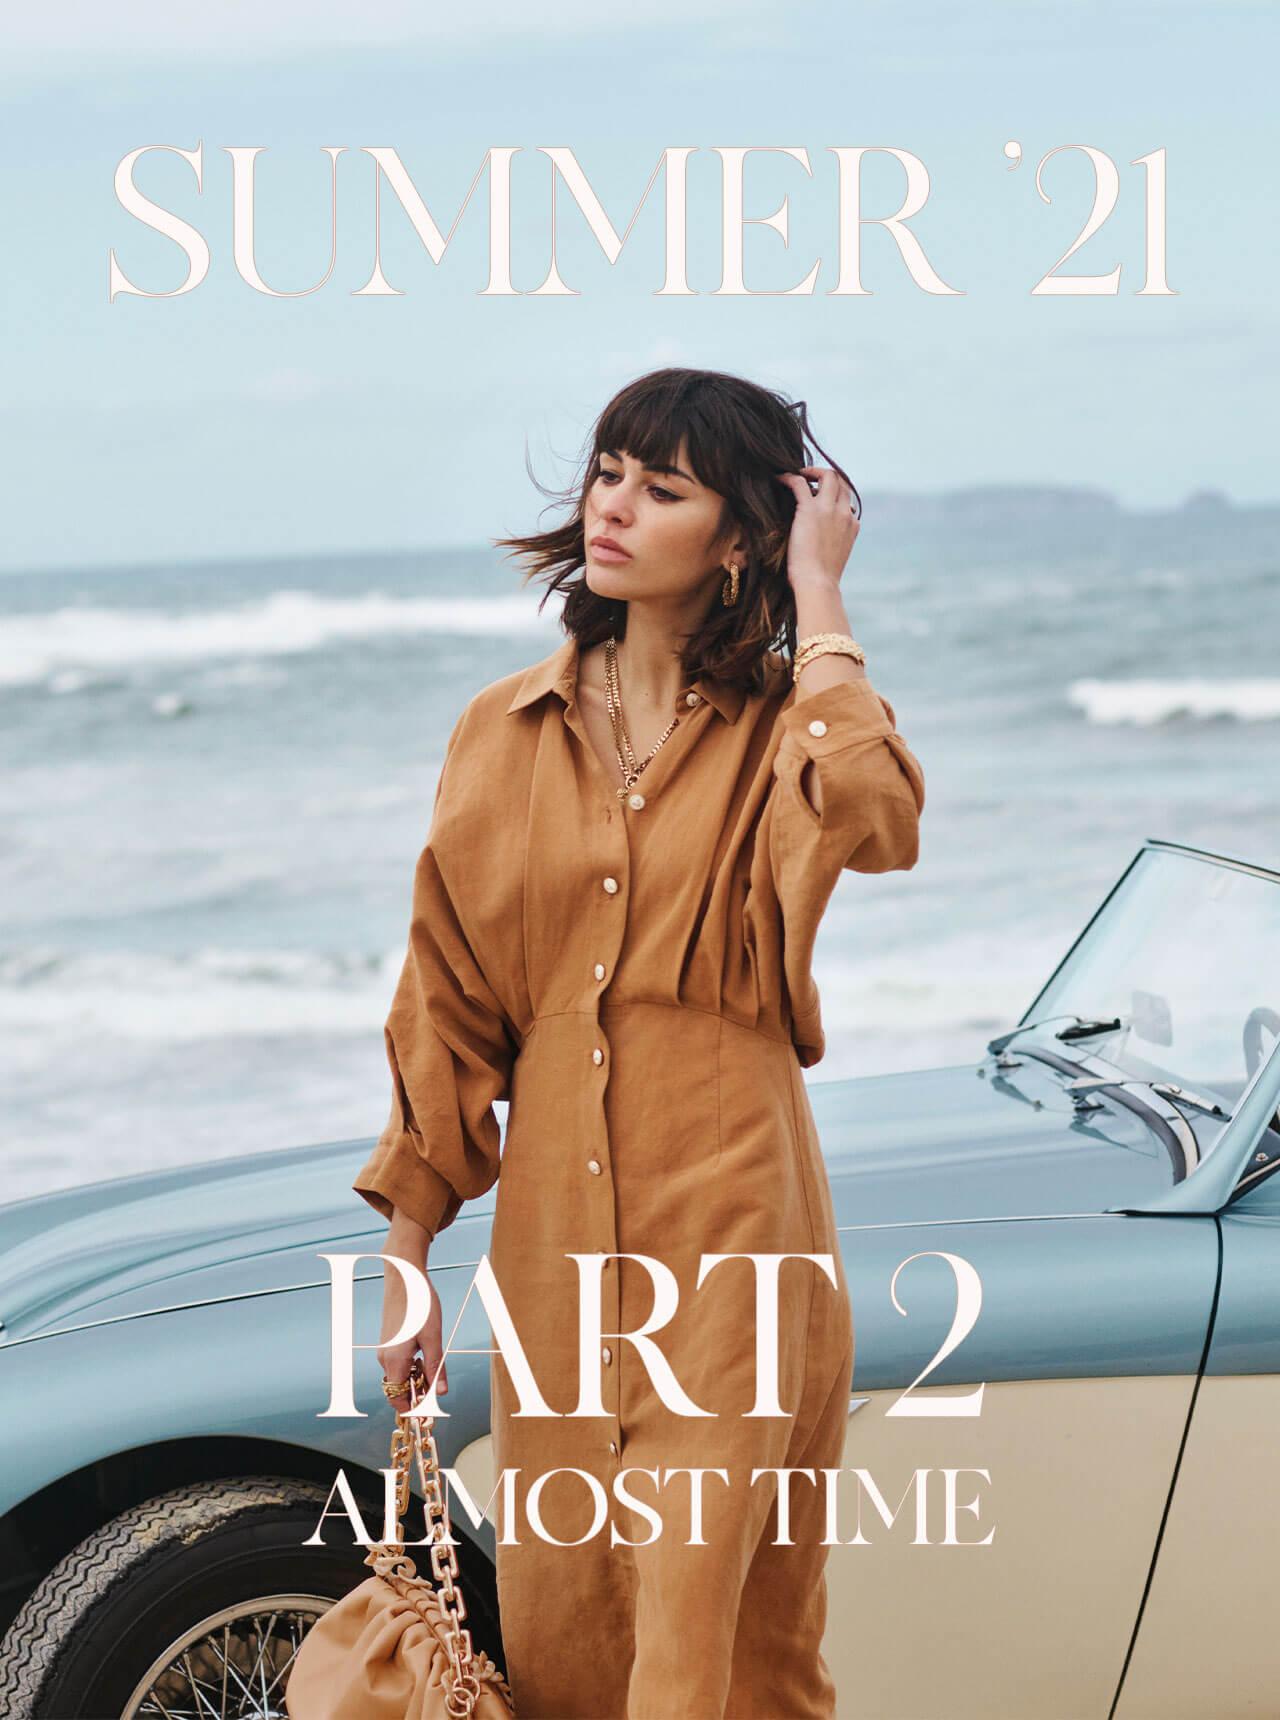 JOSH V Summer '21 - Almost time - Lor dress amber